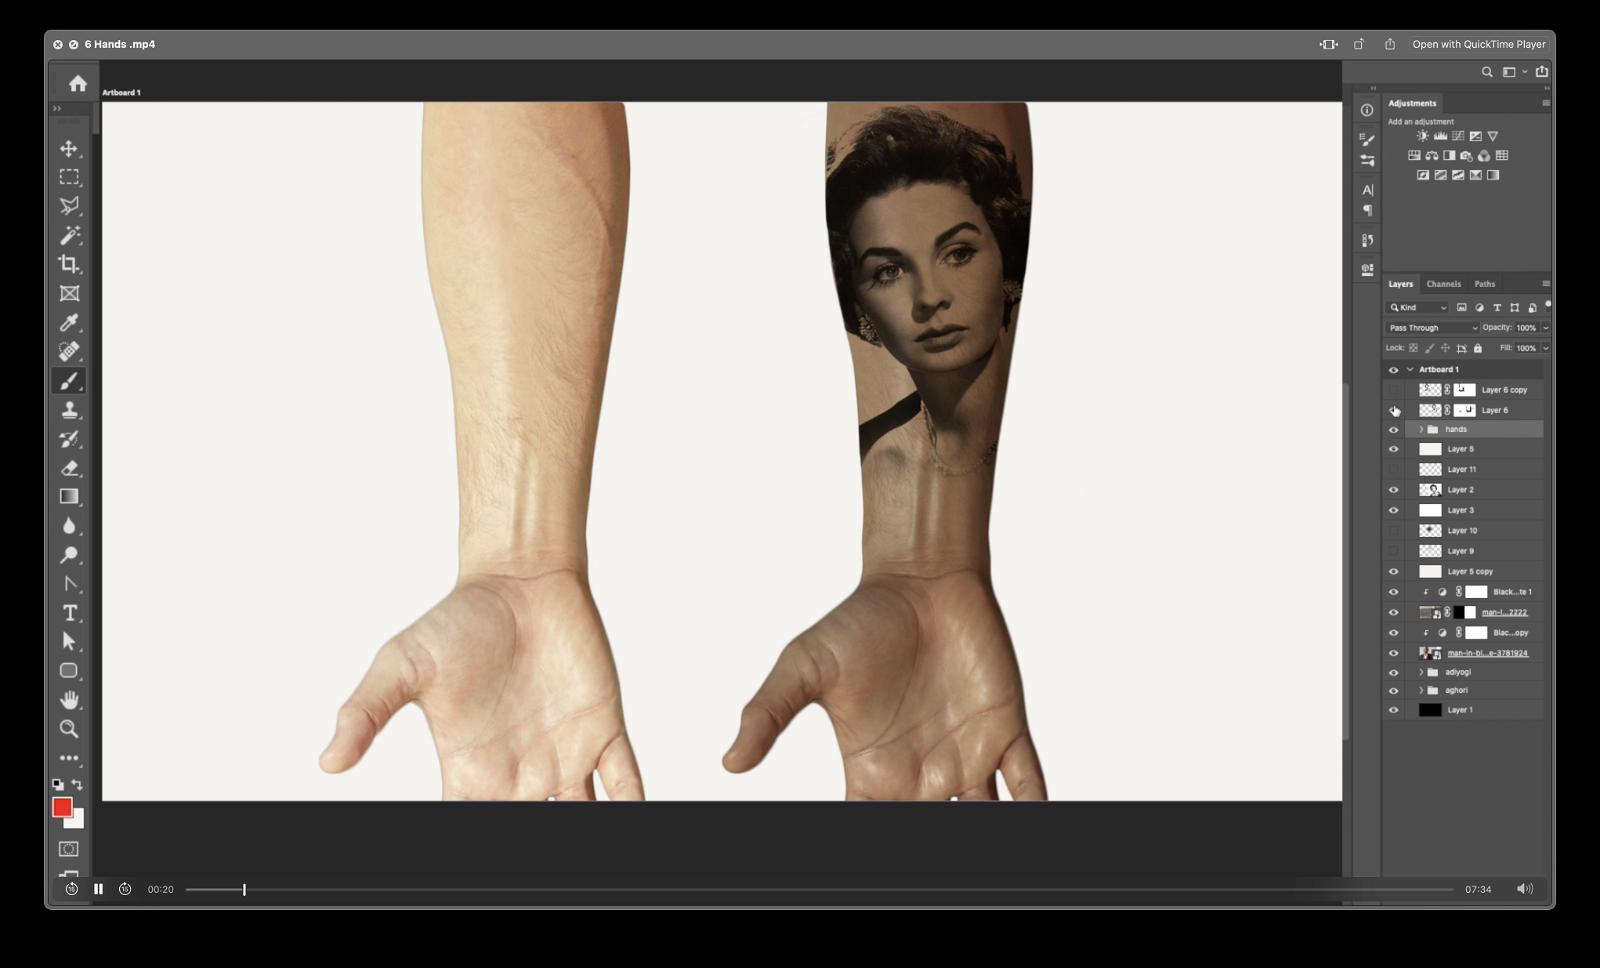 Wheatish skin Hands